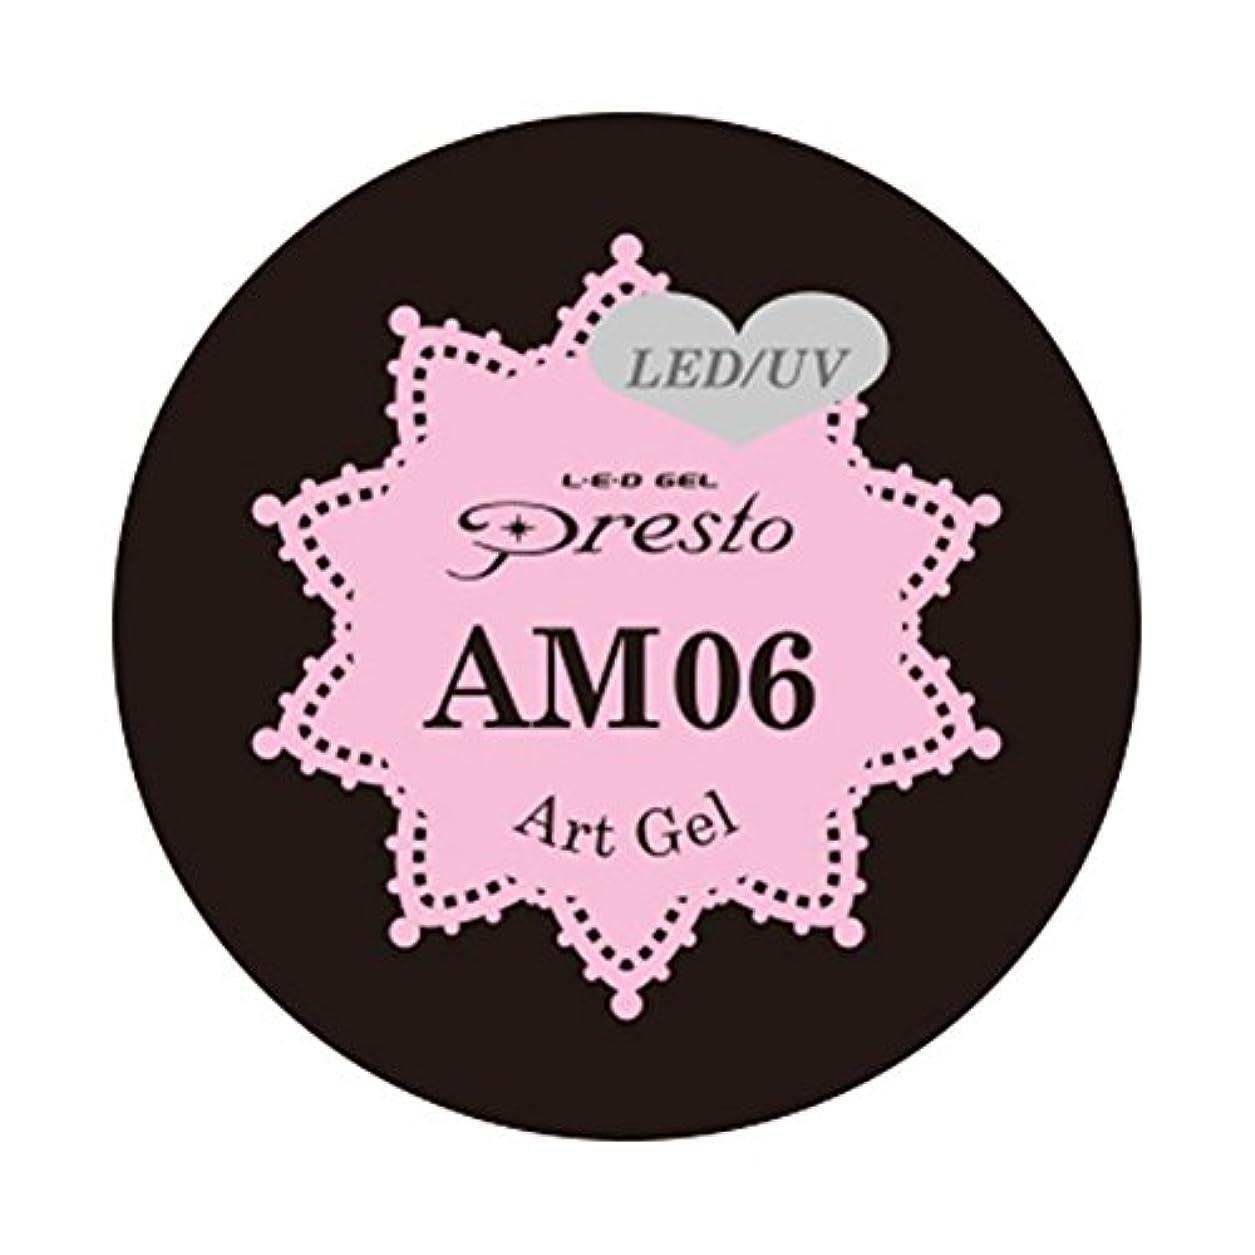 最愛のウェイトレスしがみつくPresto アートジェル ミニ AM06 2g UV/LED対応